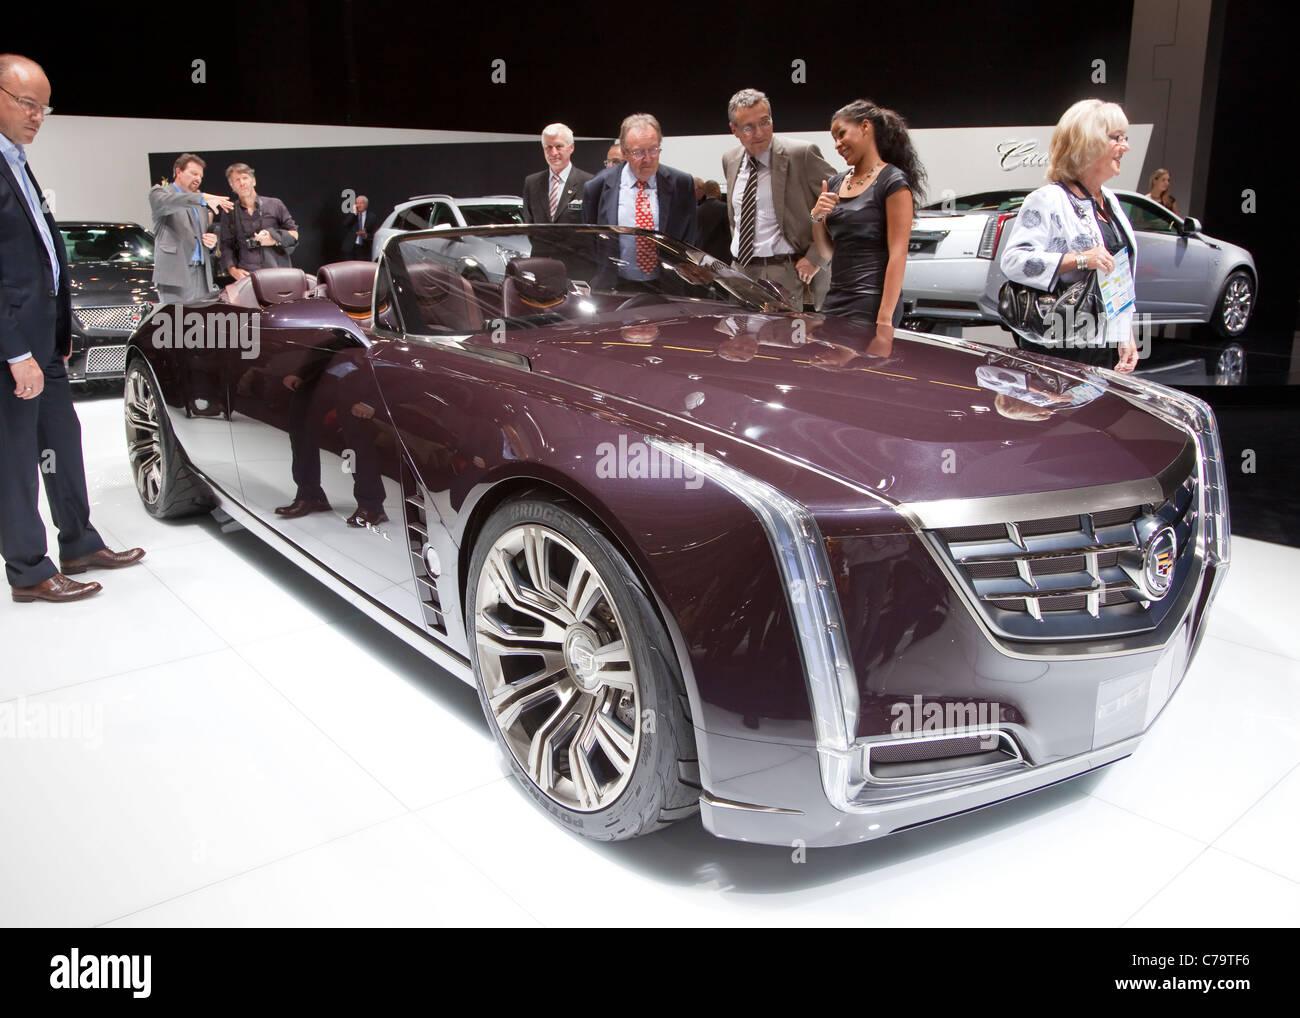 Nuevo Cadillac Ciel Concept Car en el IAA 2011 Salón Internacional del Automóvil de Frankfurt am Main, Imagen De Stock